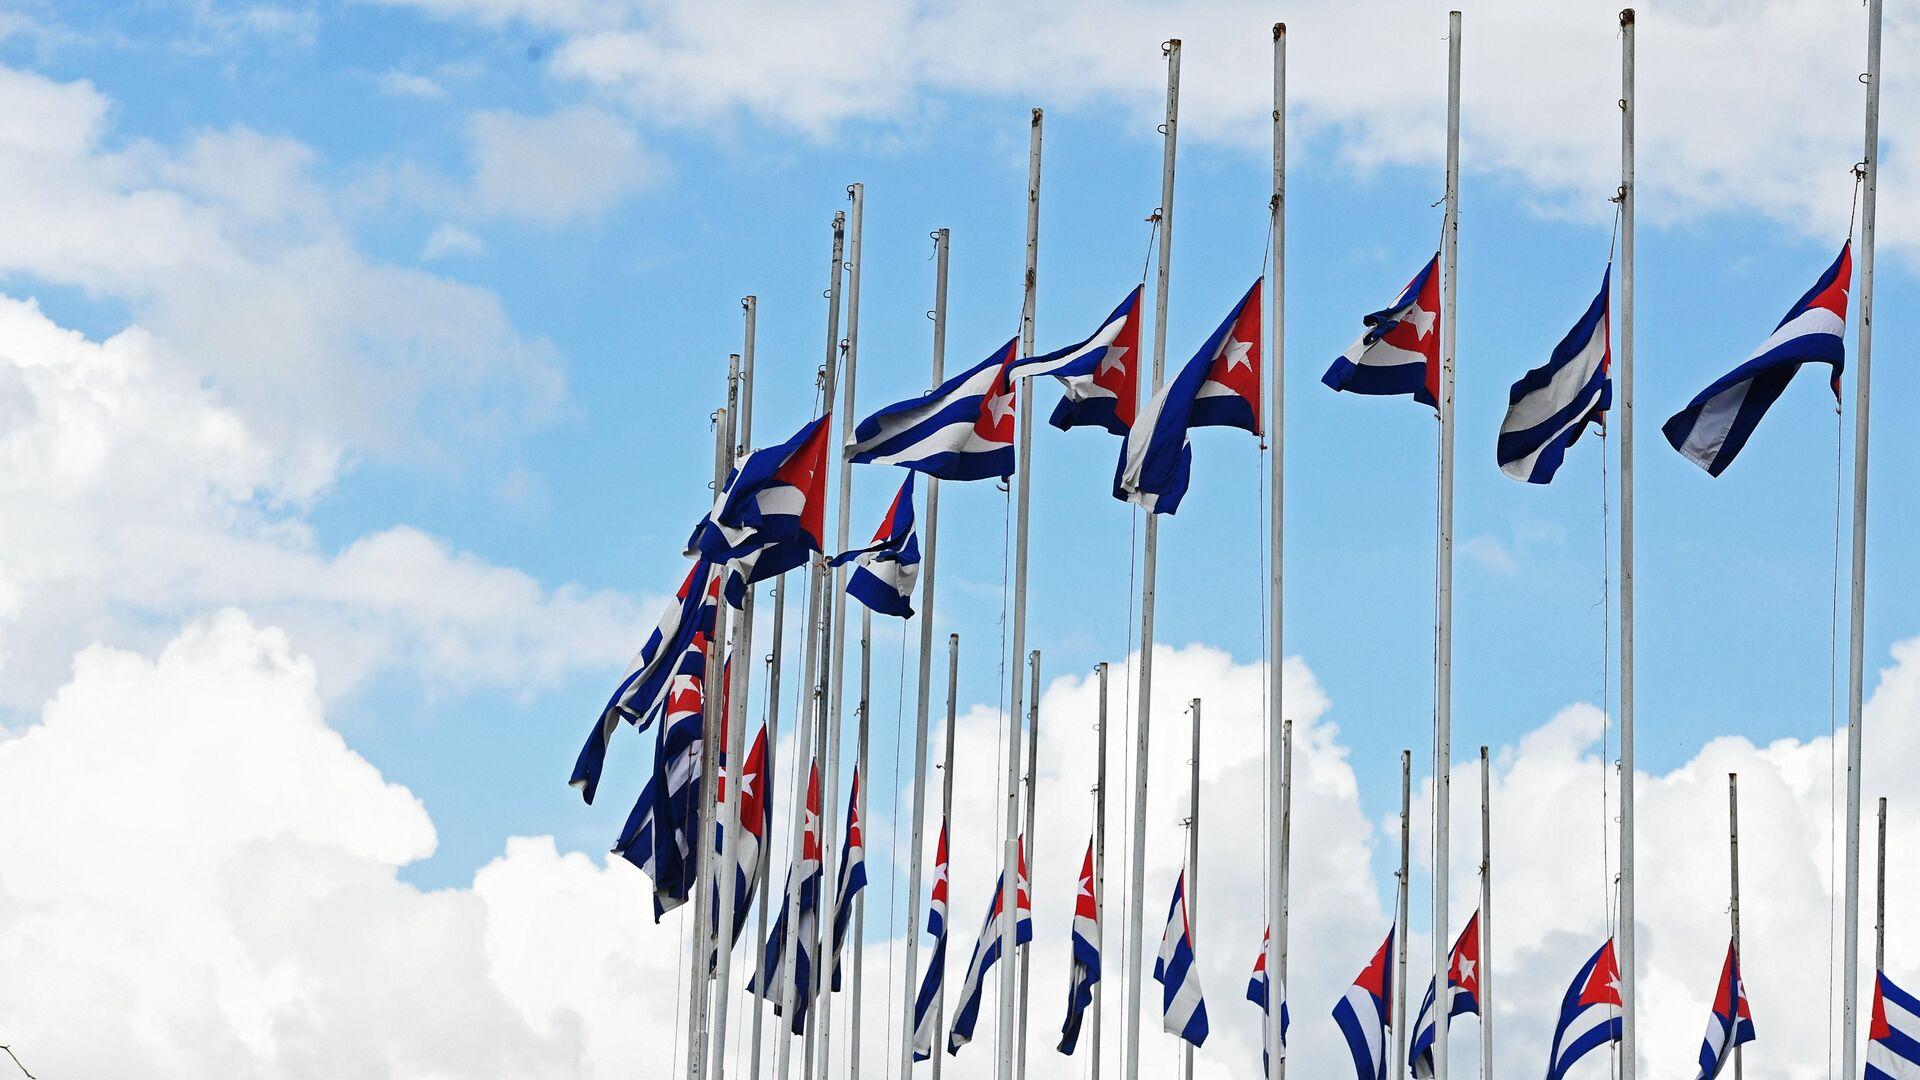 Государственные флаги Республики Куба, приспущенные в знак траура по скончавшемуся 25 ноября 2016 года лидеру кубинской революции Фиделю Кастро, в городе Сантьяго-де-Куба - РИА Новости, 1920, 12.01.2021